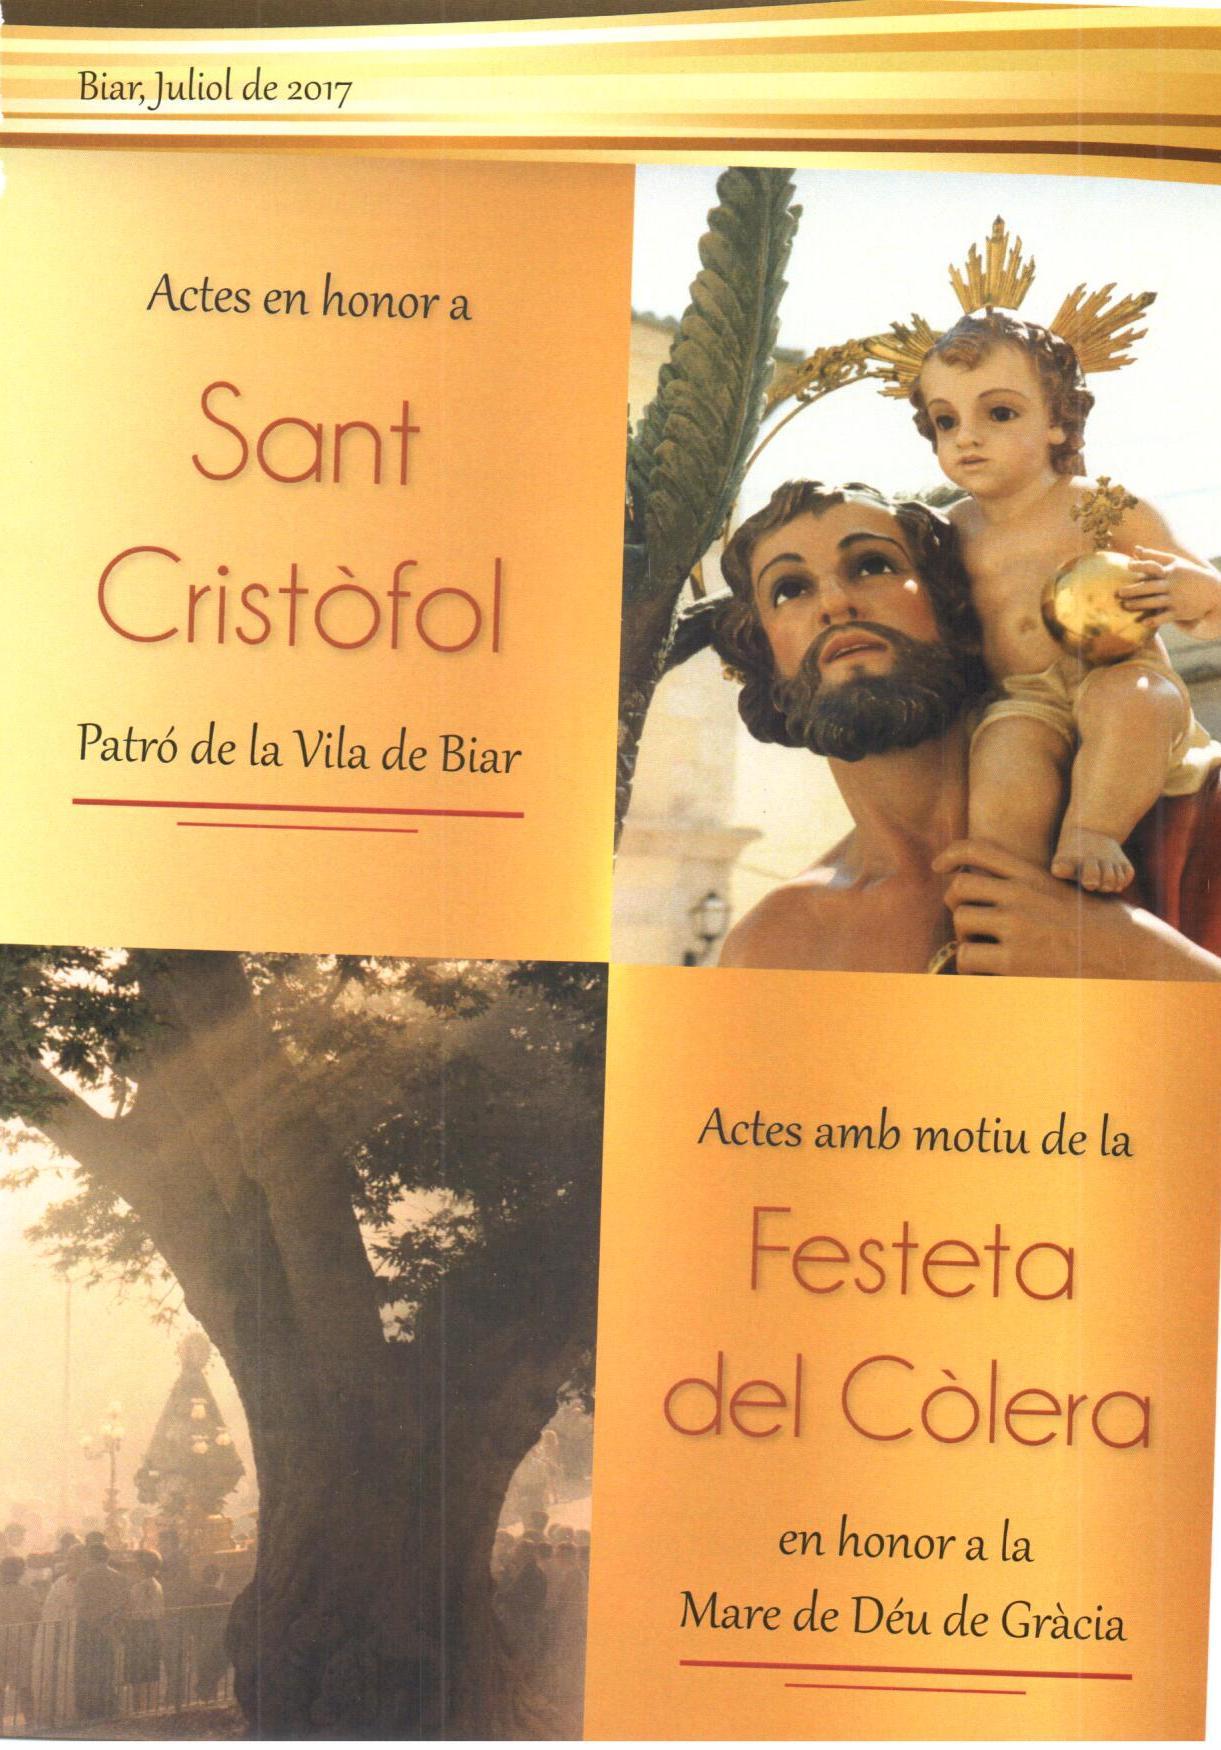 FIESTA SAN CRISTOBAL Y COLERA 20170001_Página_1